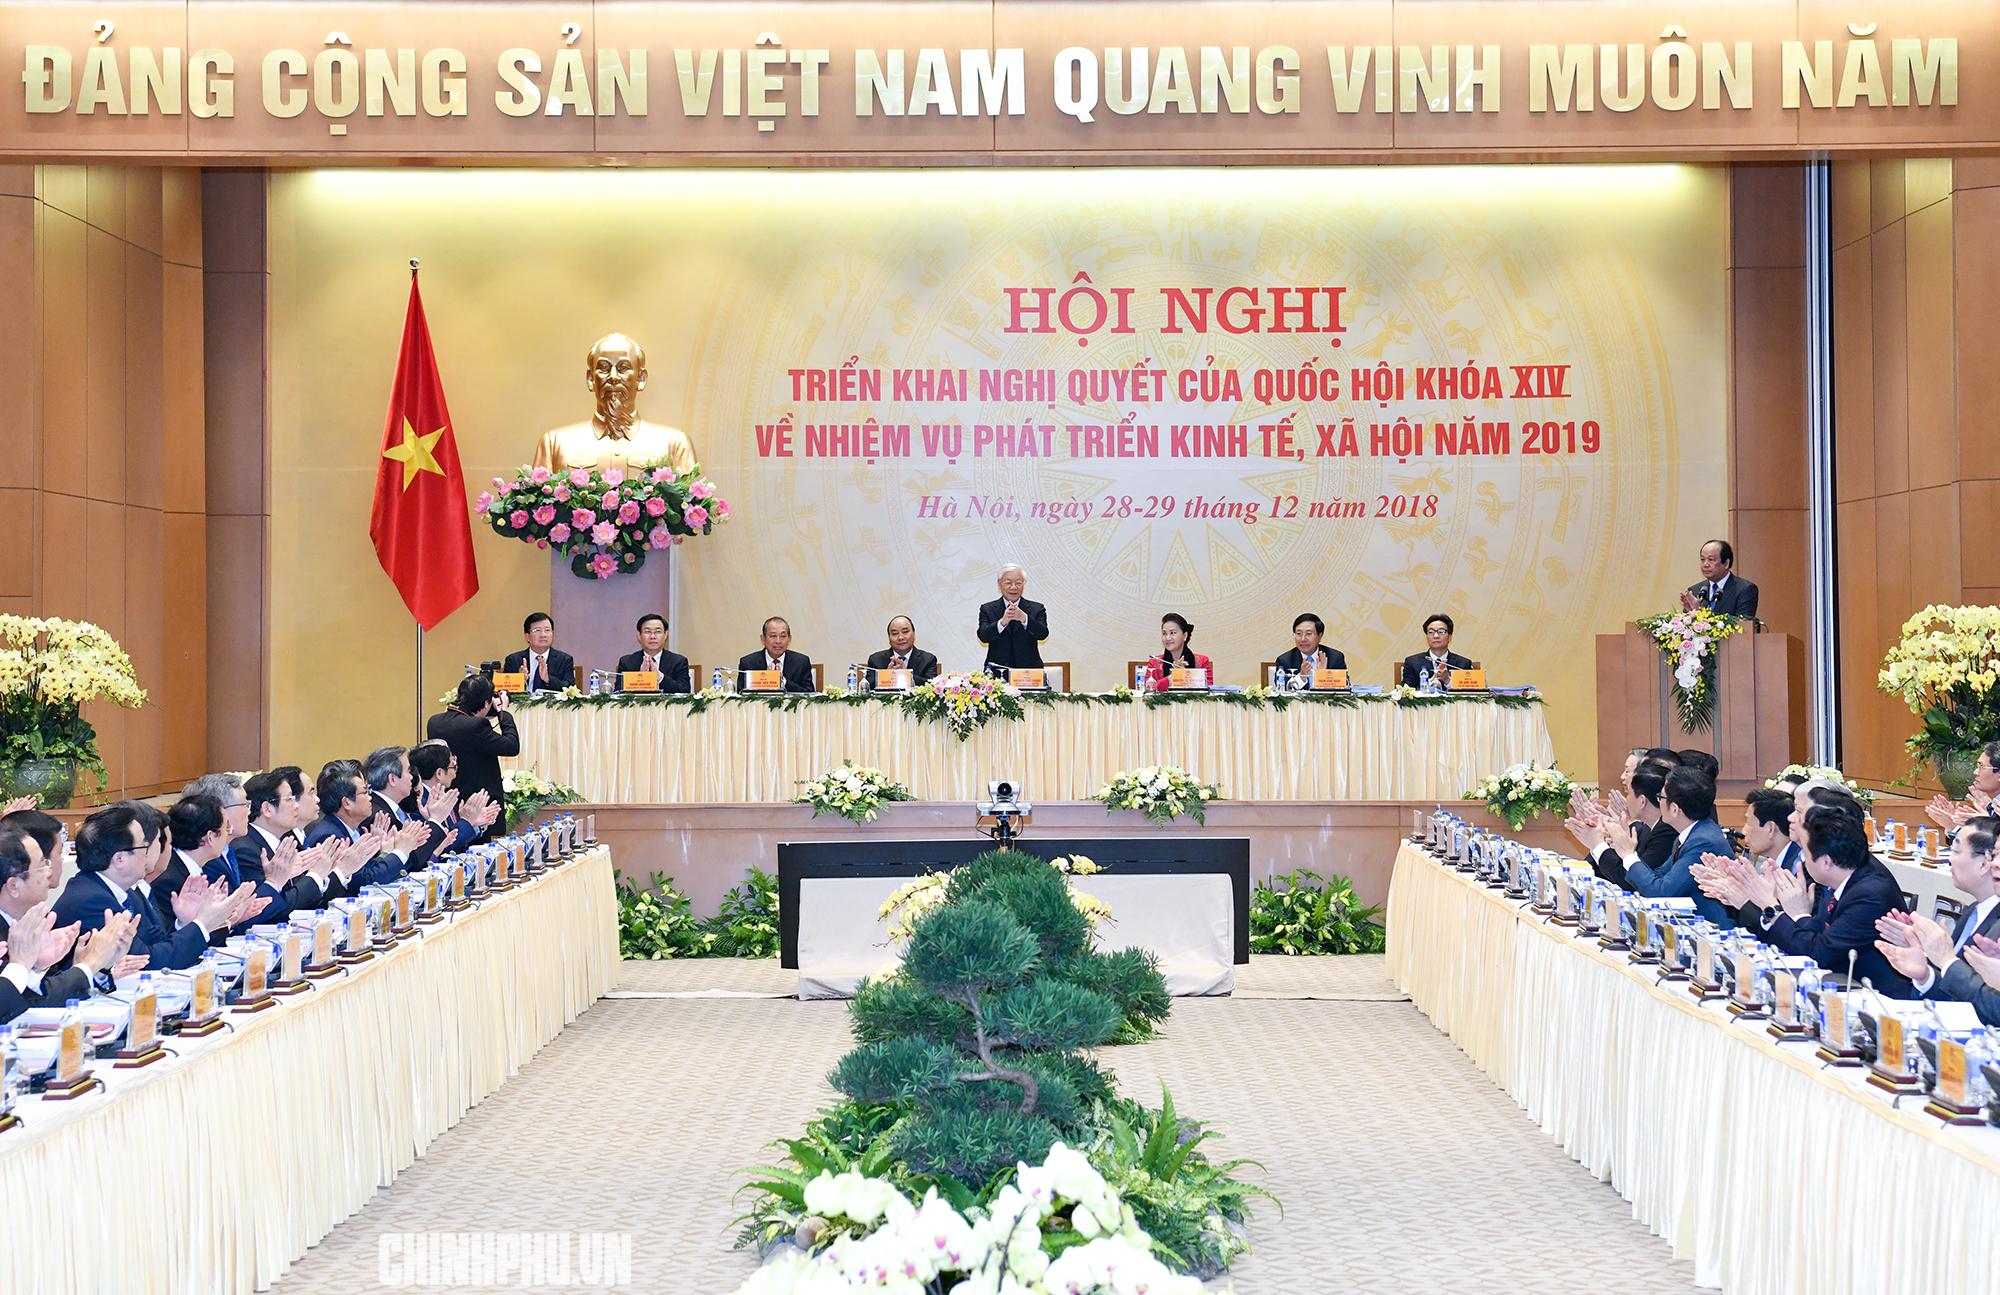 dau an chi dao dieu hanh cua chinh phu nam 2018